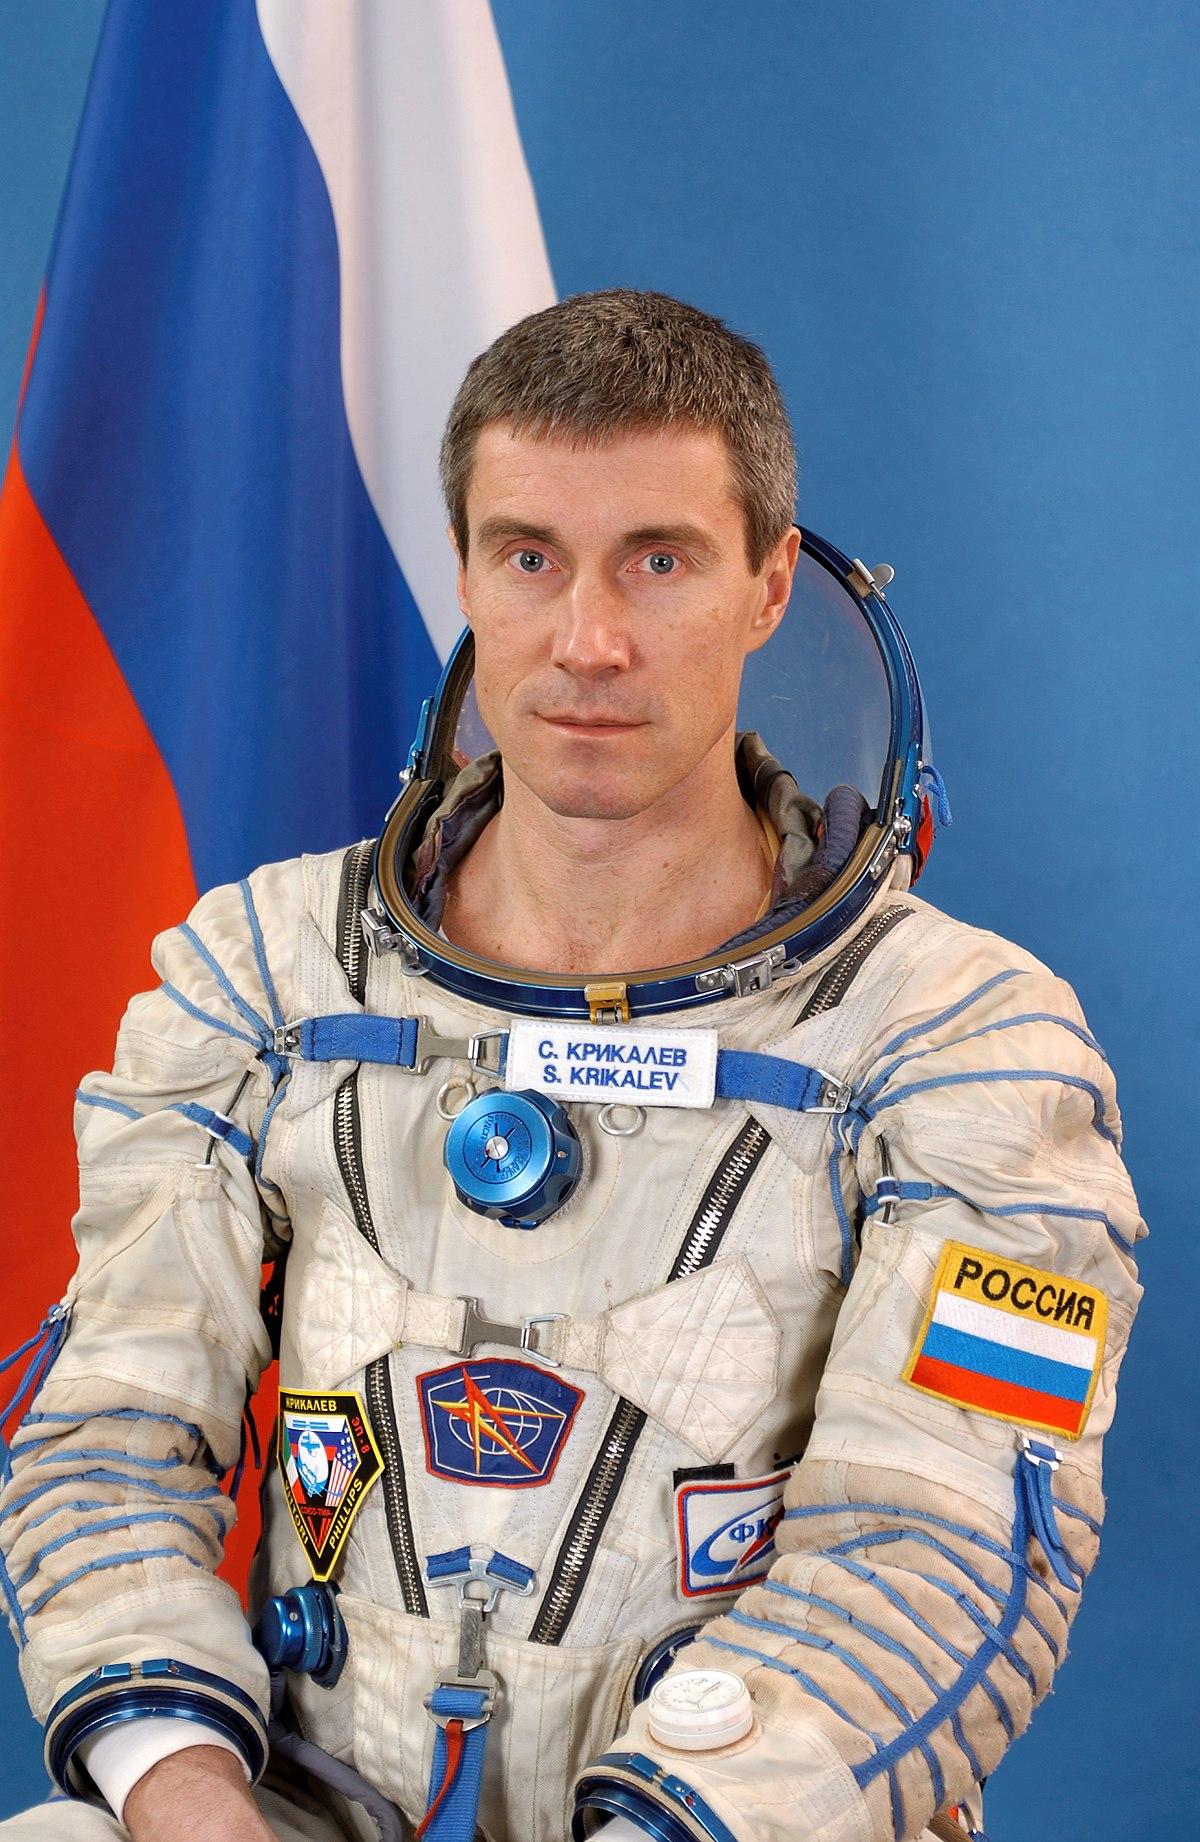 Крикалёв, Сергей Константинович — Википедия